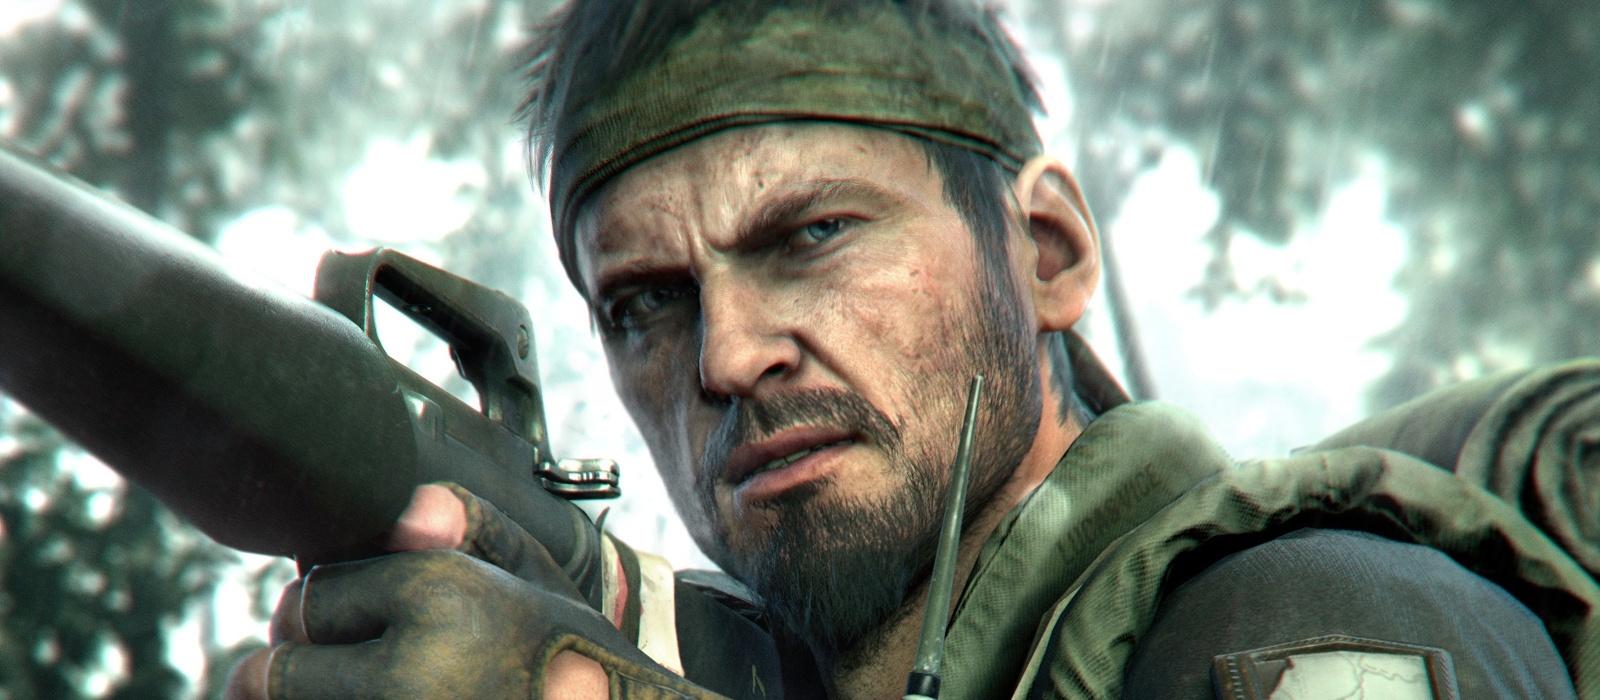 В Call of Duty: Black Ops Cold War изменили реакцию камеры на попадания